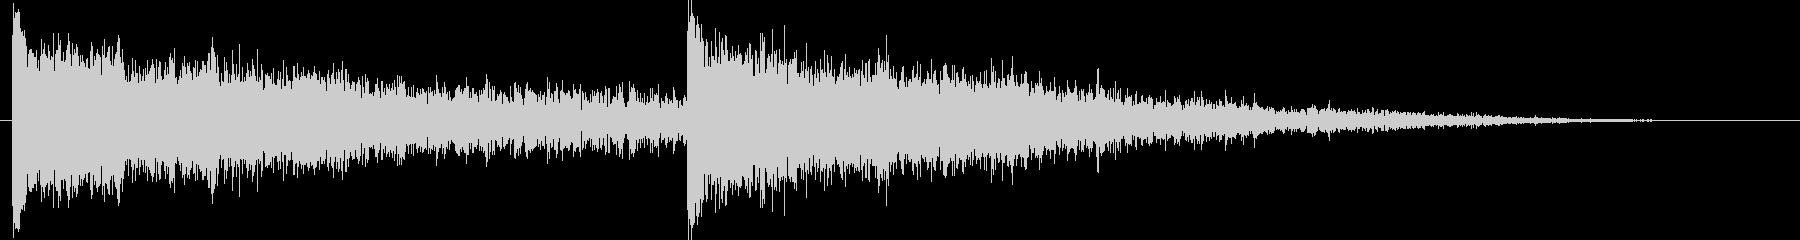 テクノサイバー系スタートクリックジングルの未再生の波形